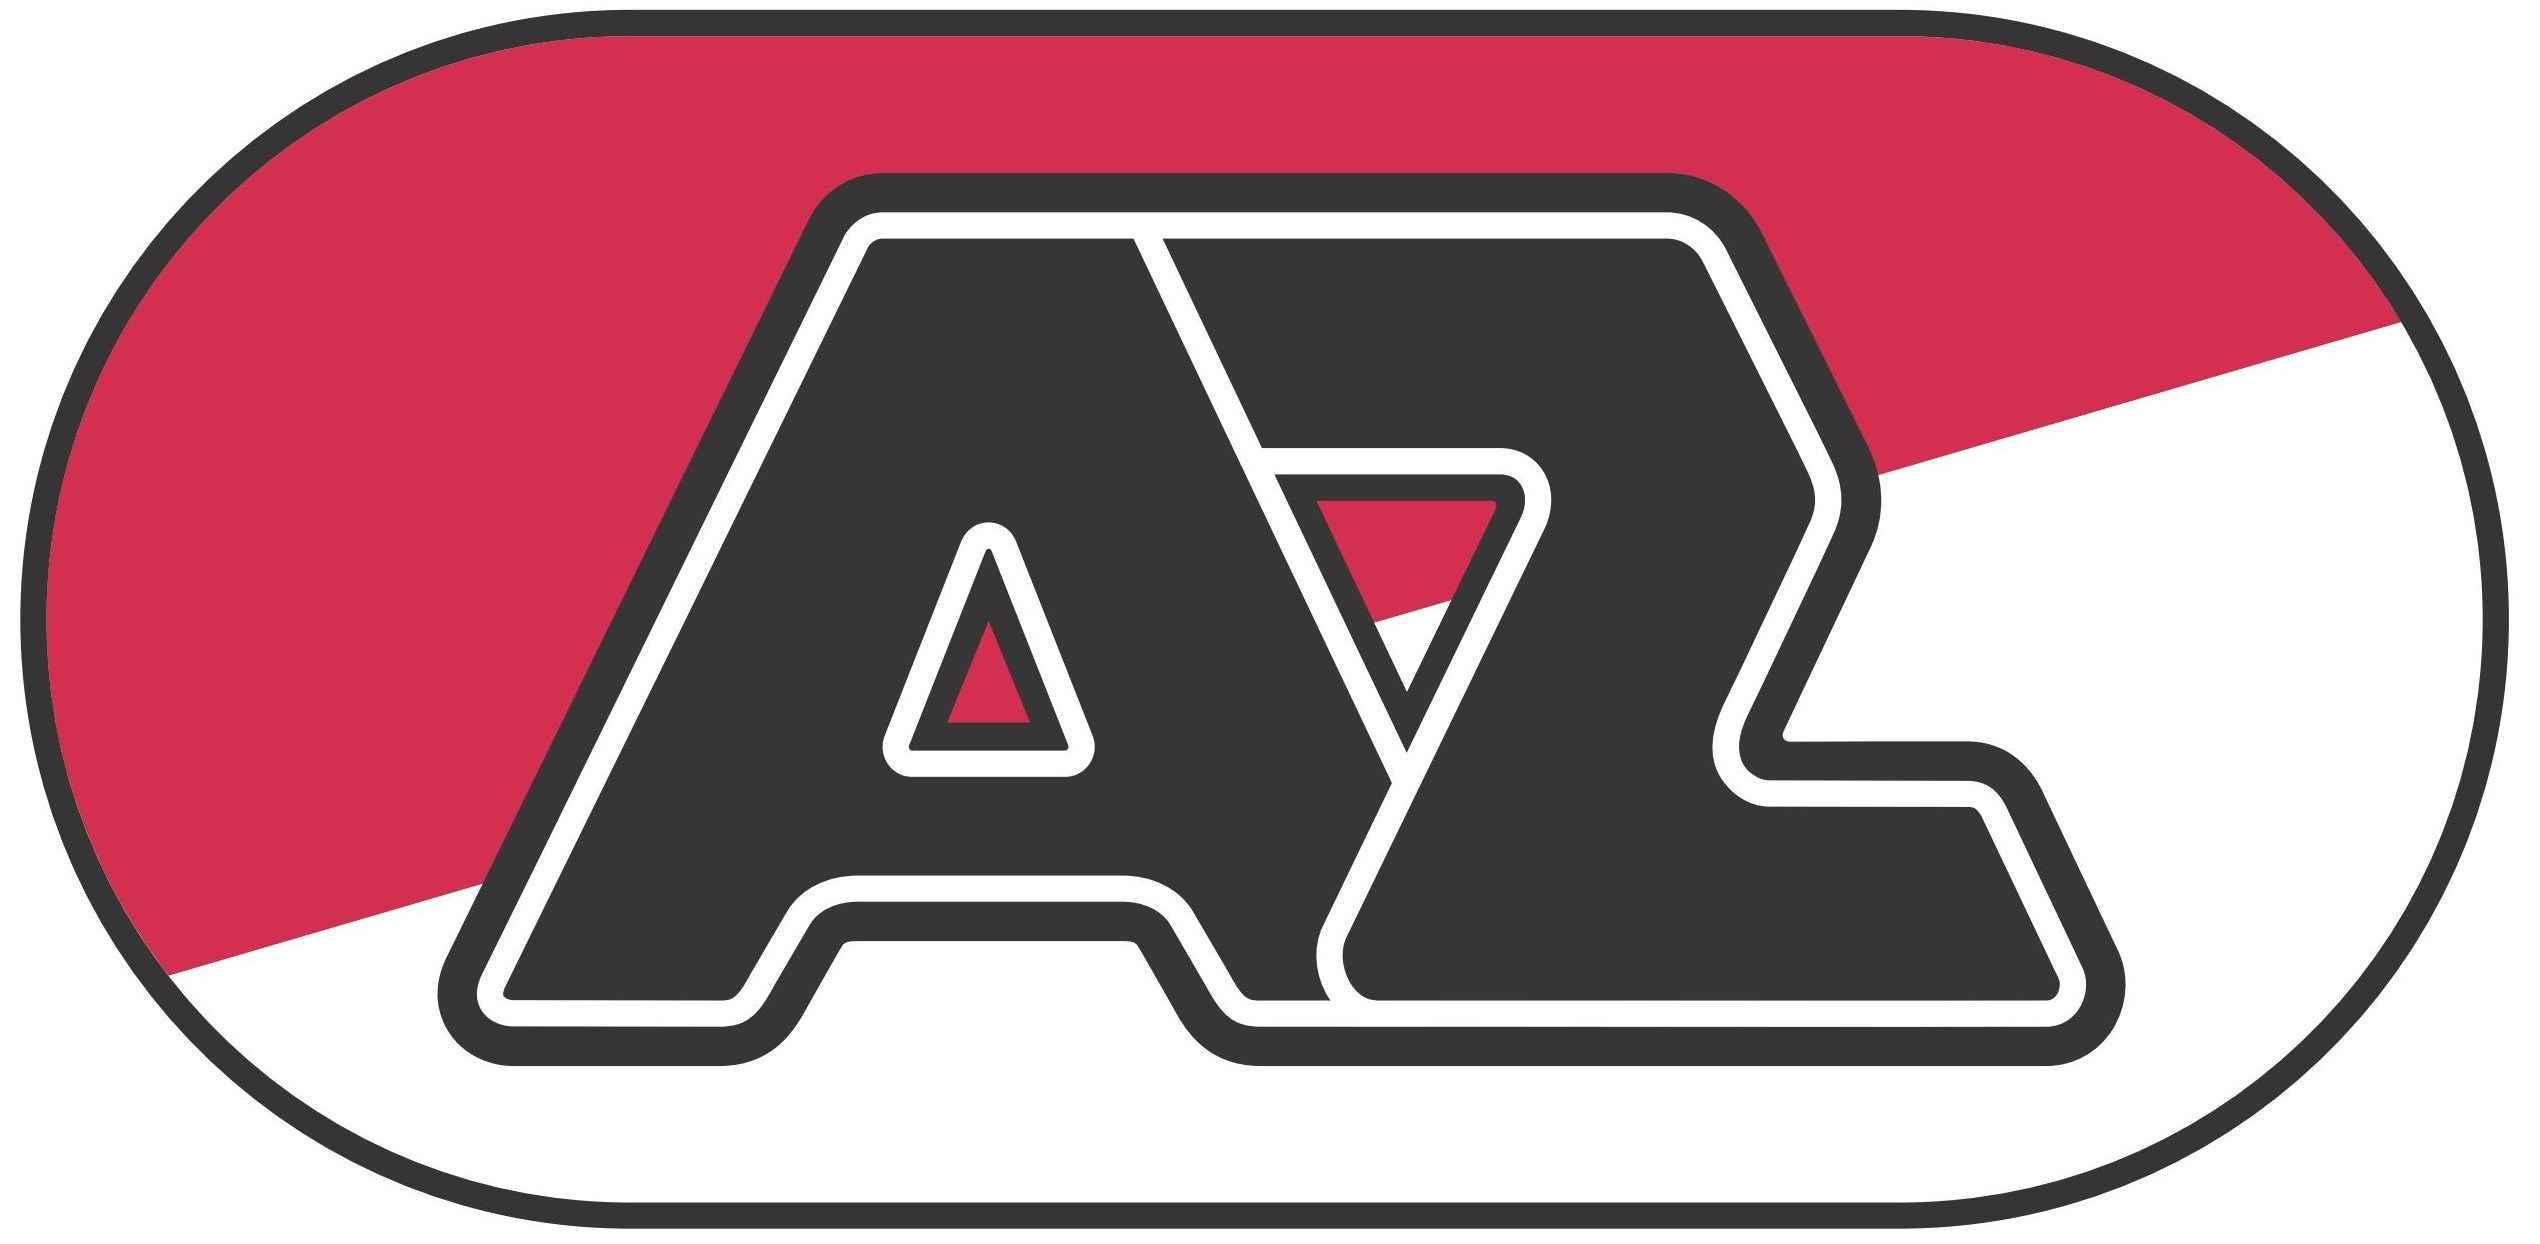 AZ-football-club-logo